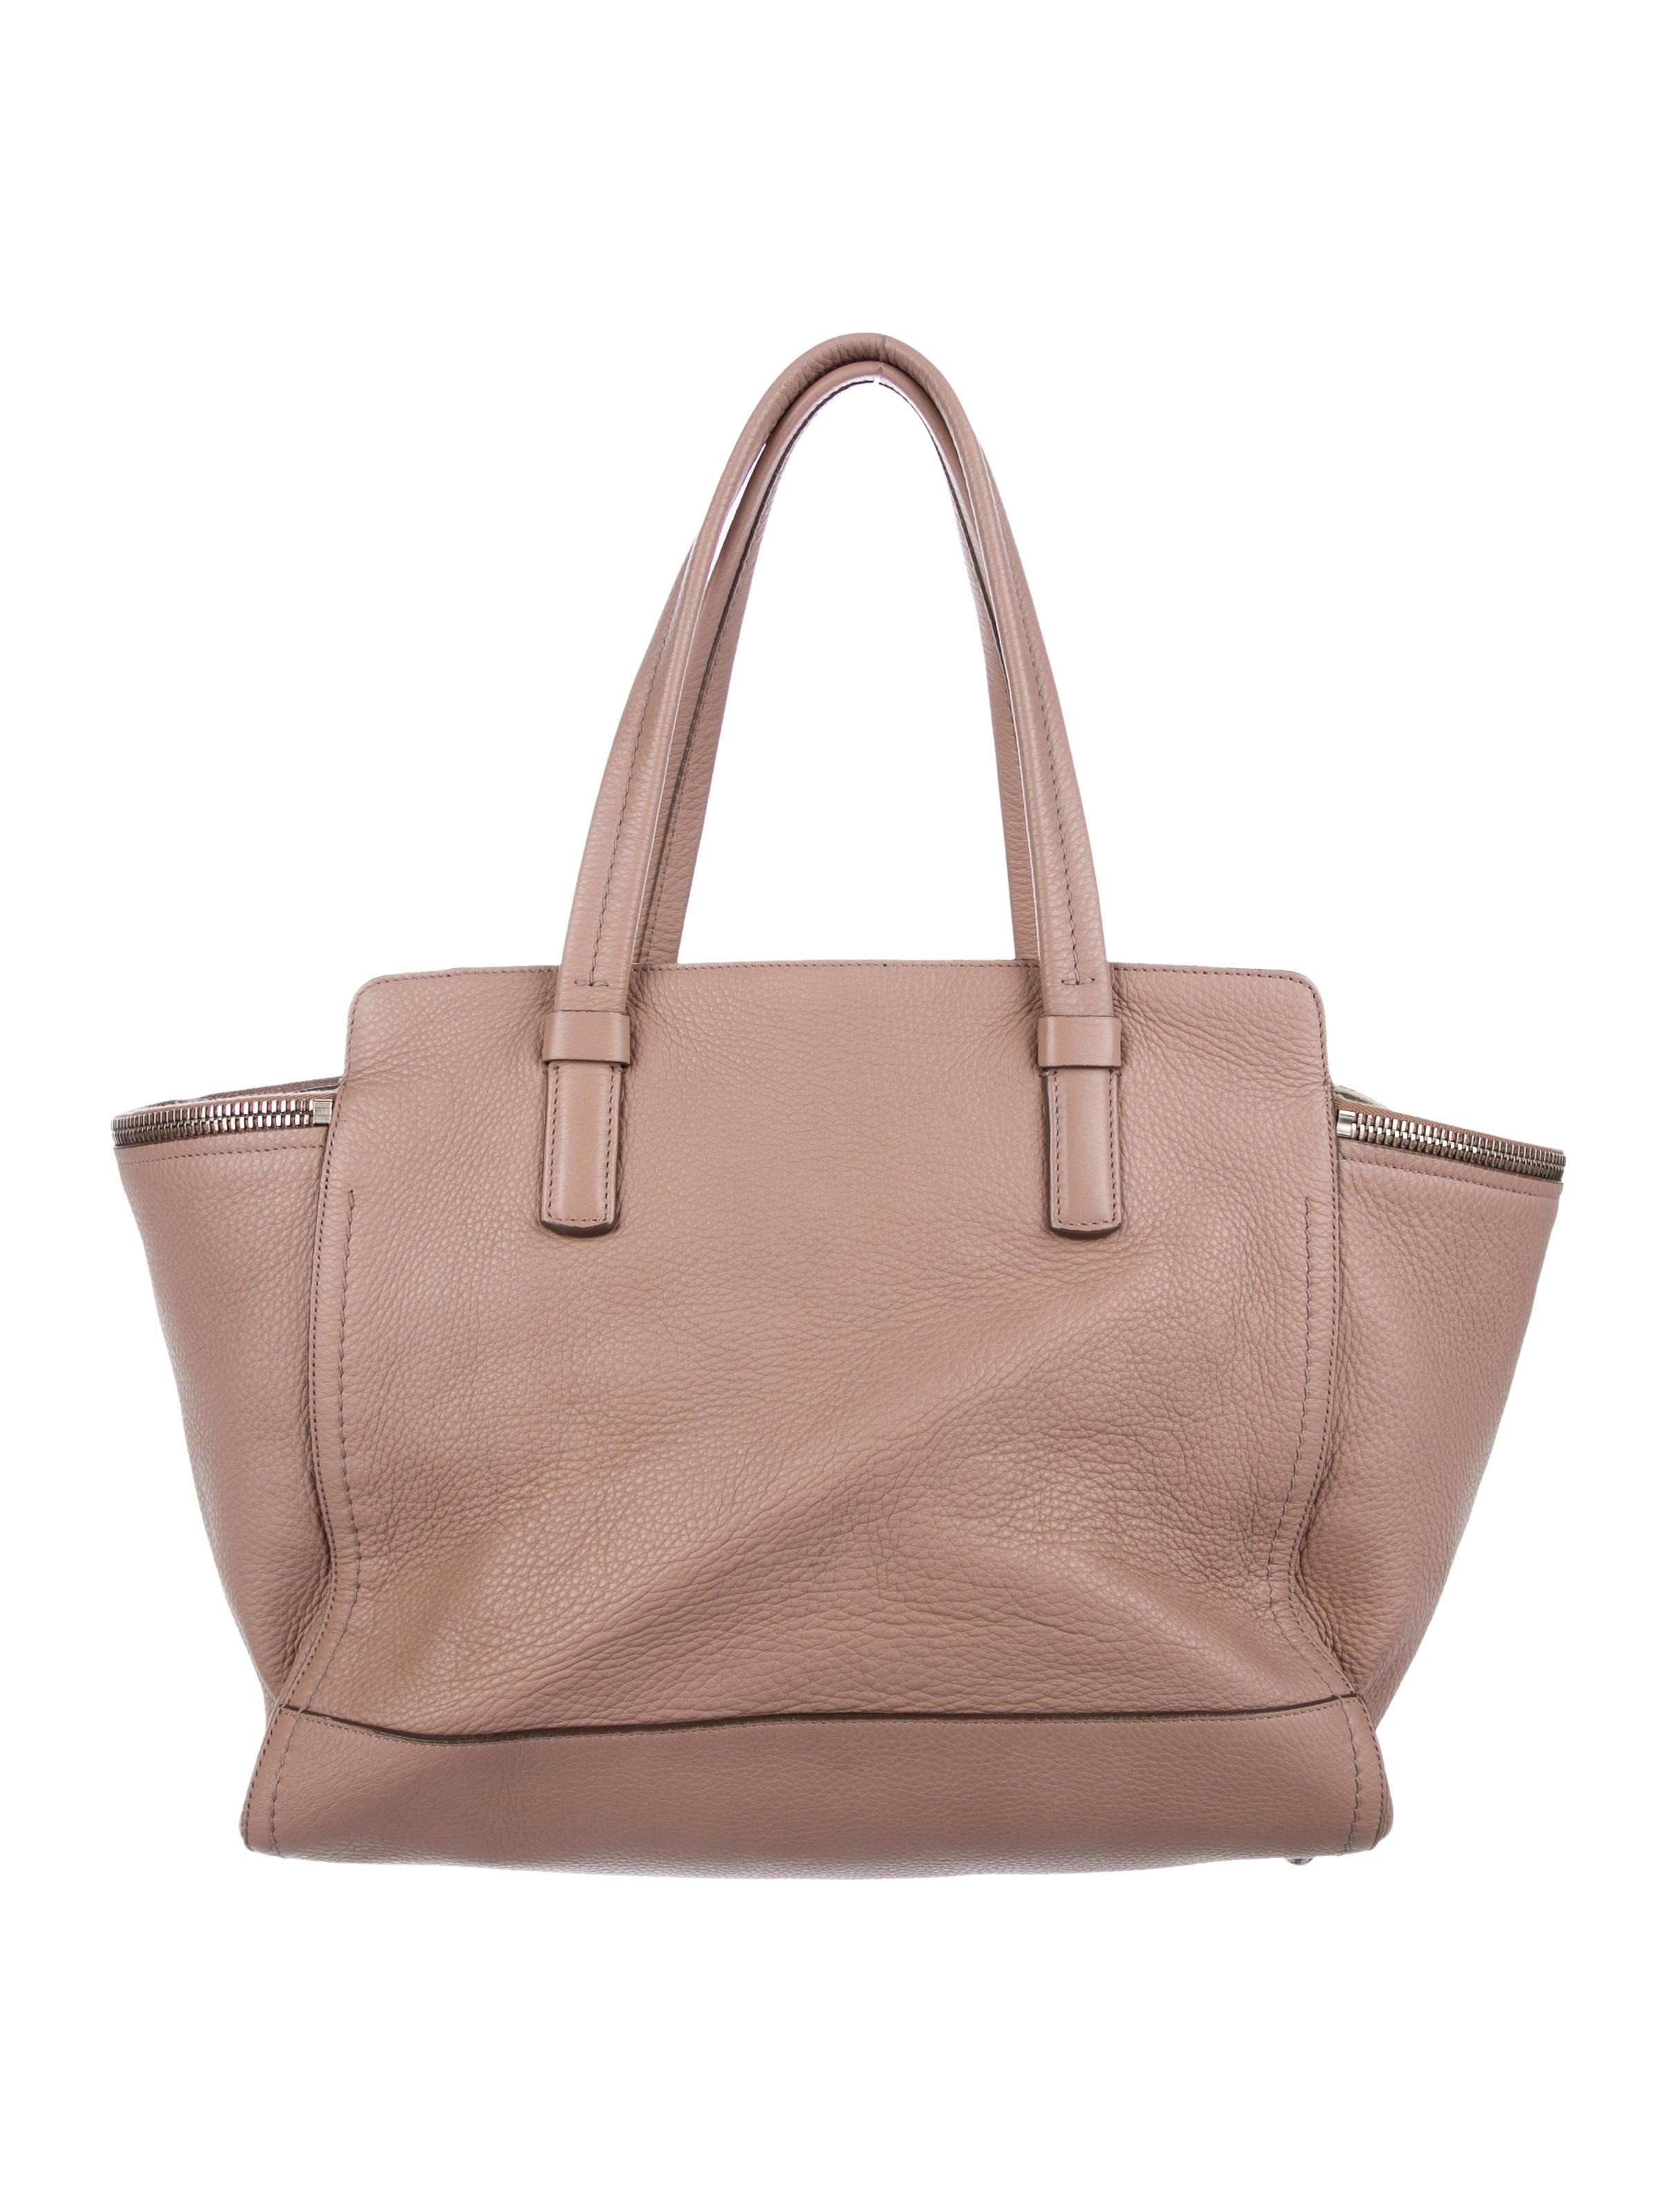 Salvatore Ferragamo Large Verve Bag - Handbags - SAL61830  664324be121a9